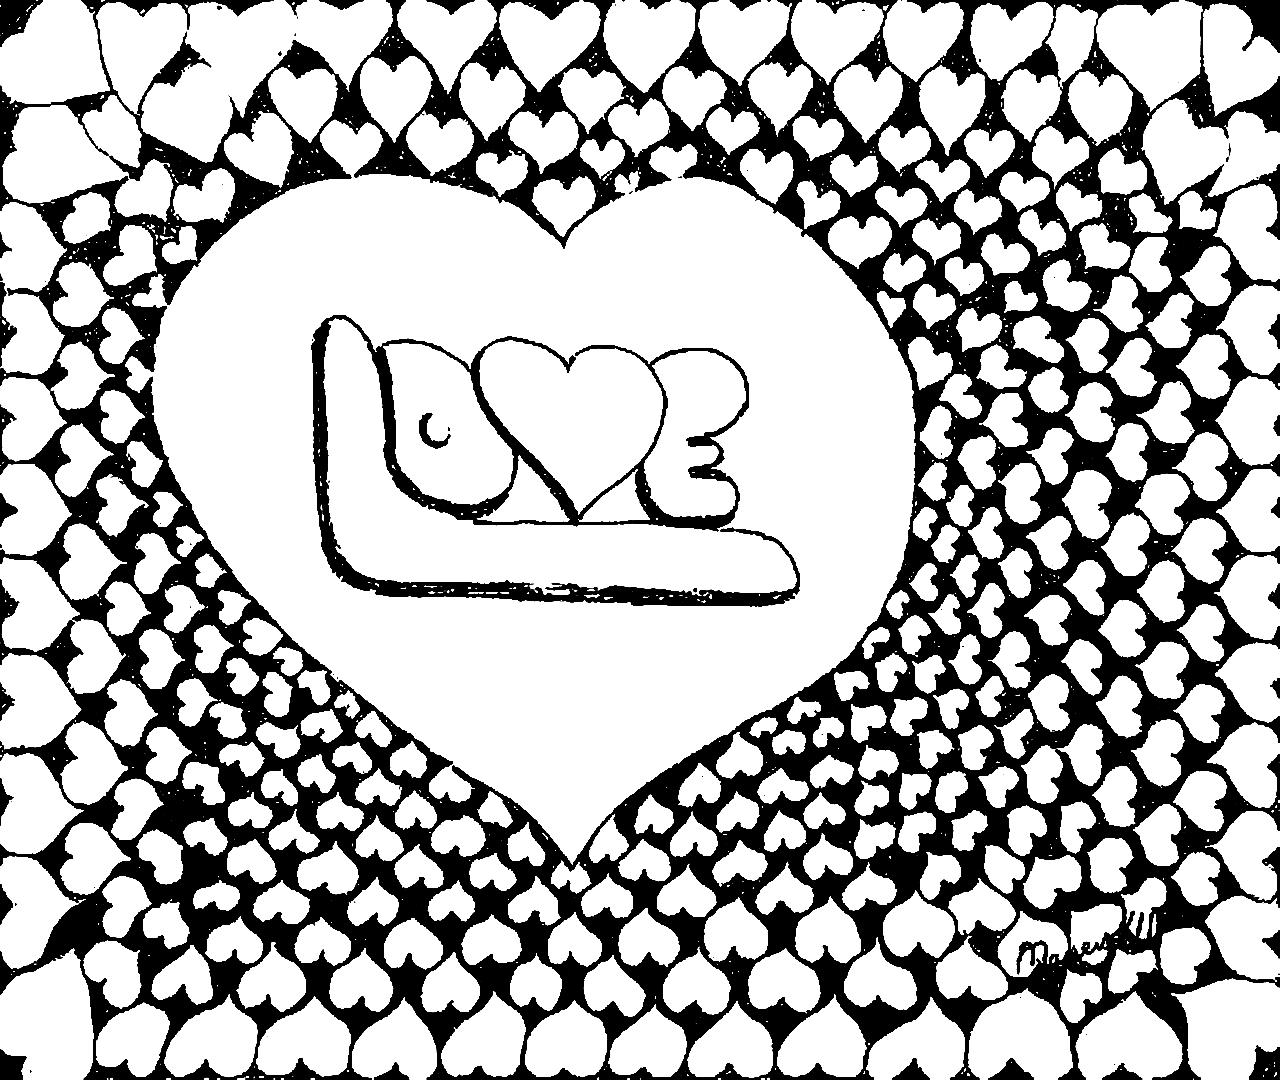 liebesbilder und liebesspr che liebesbilder zeichnen zum malen. Black Bedroom Furniture Sets. Home Design Ideas